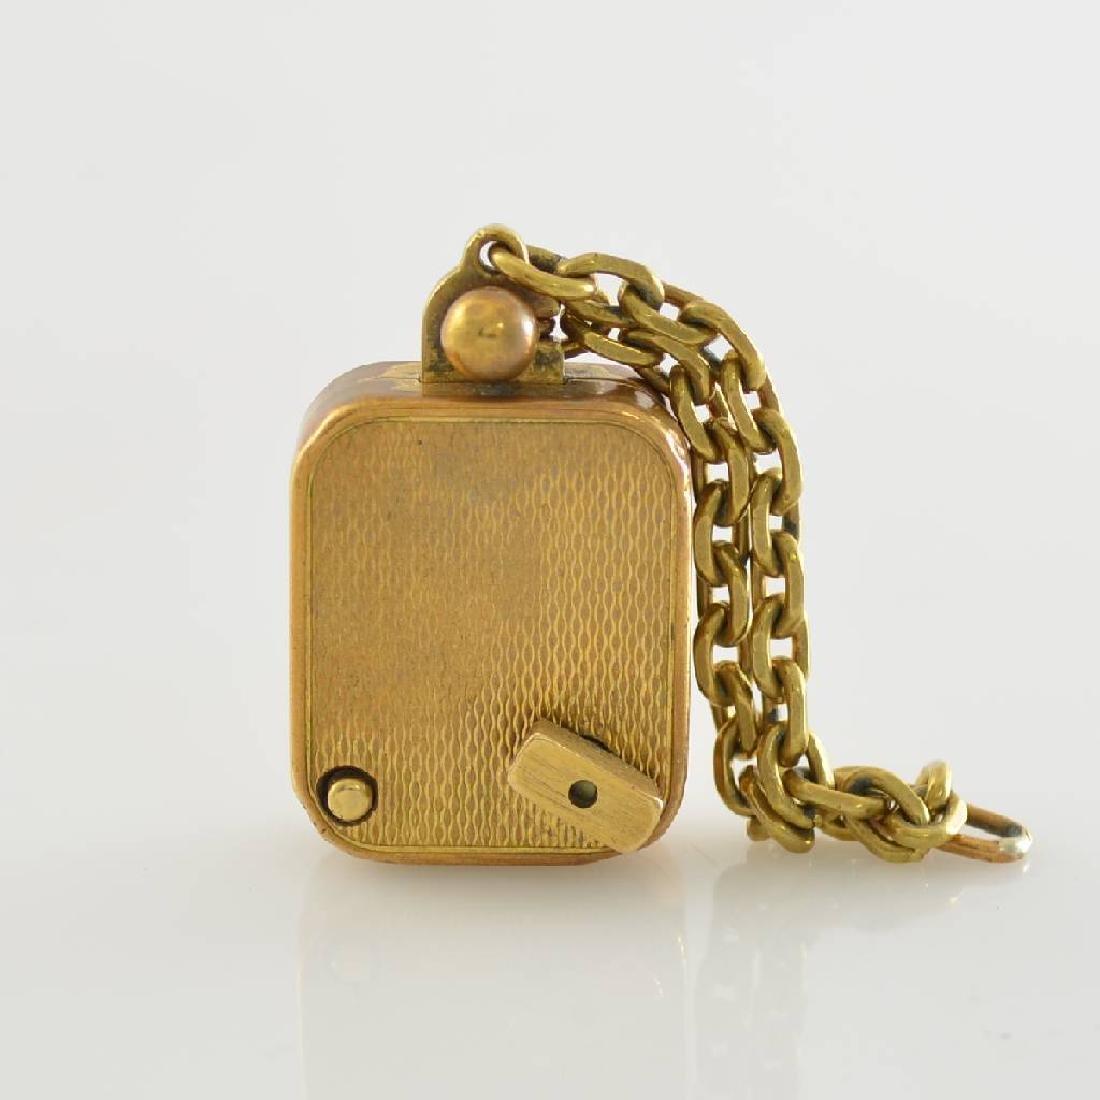 REUGE small pendant-music box, Switzerland around 1950